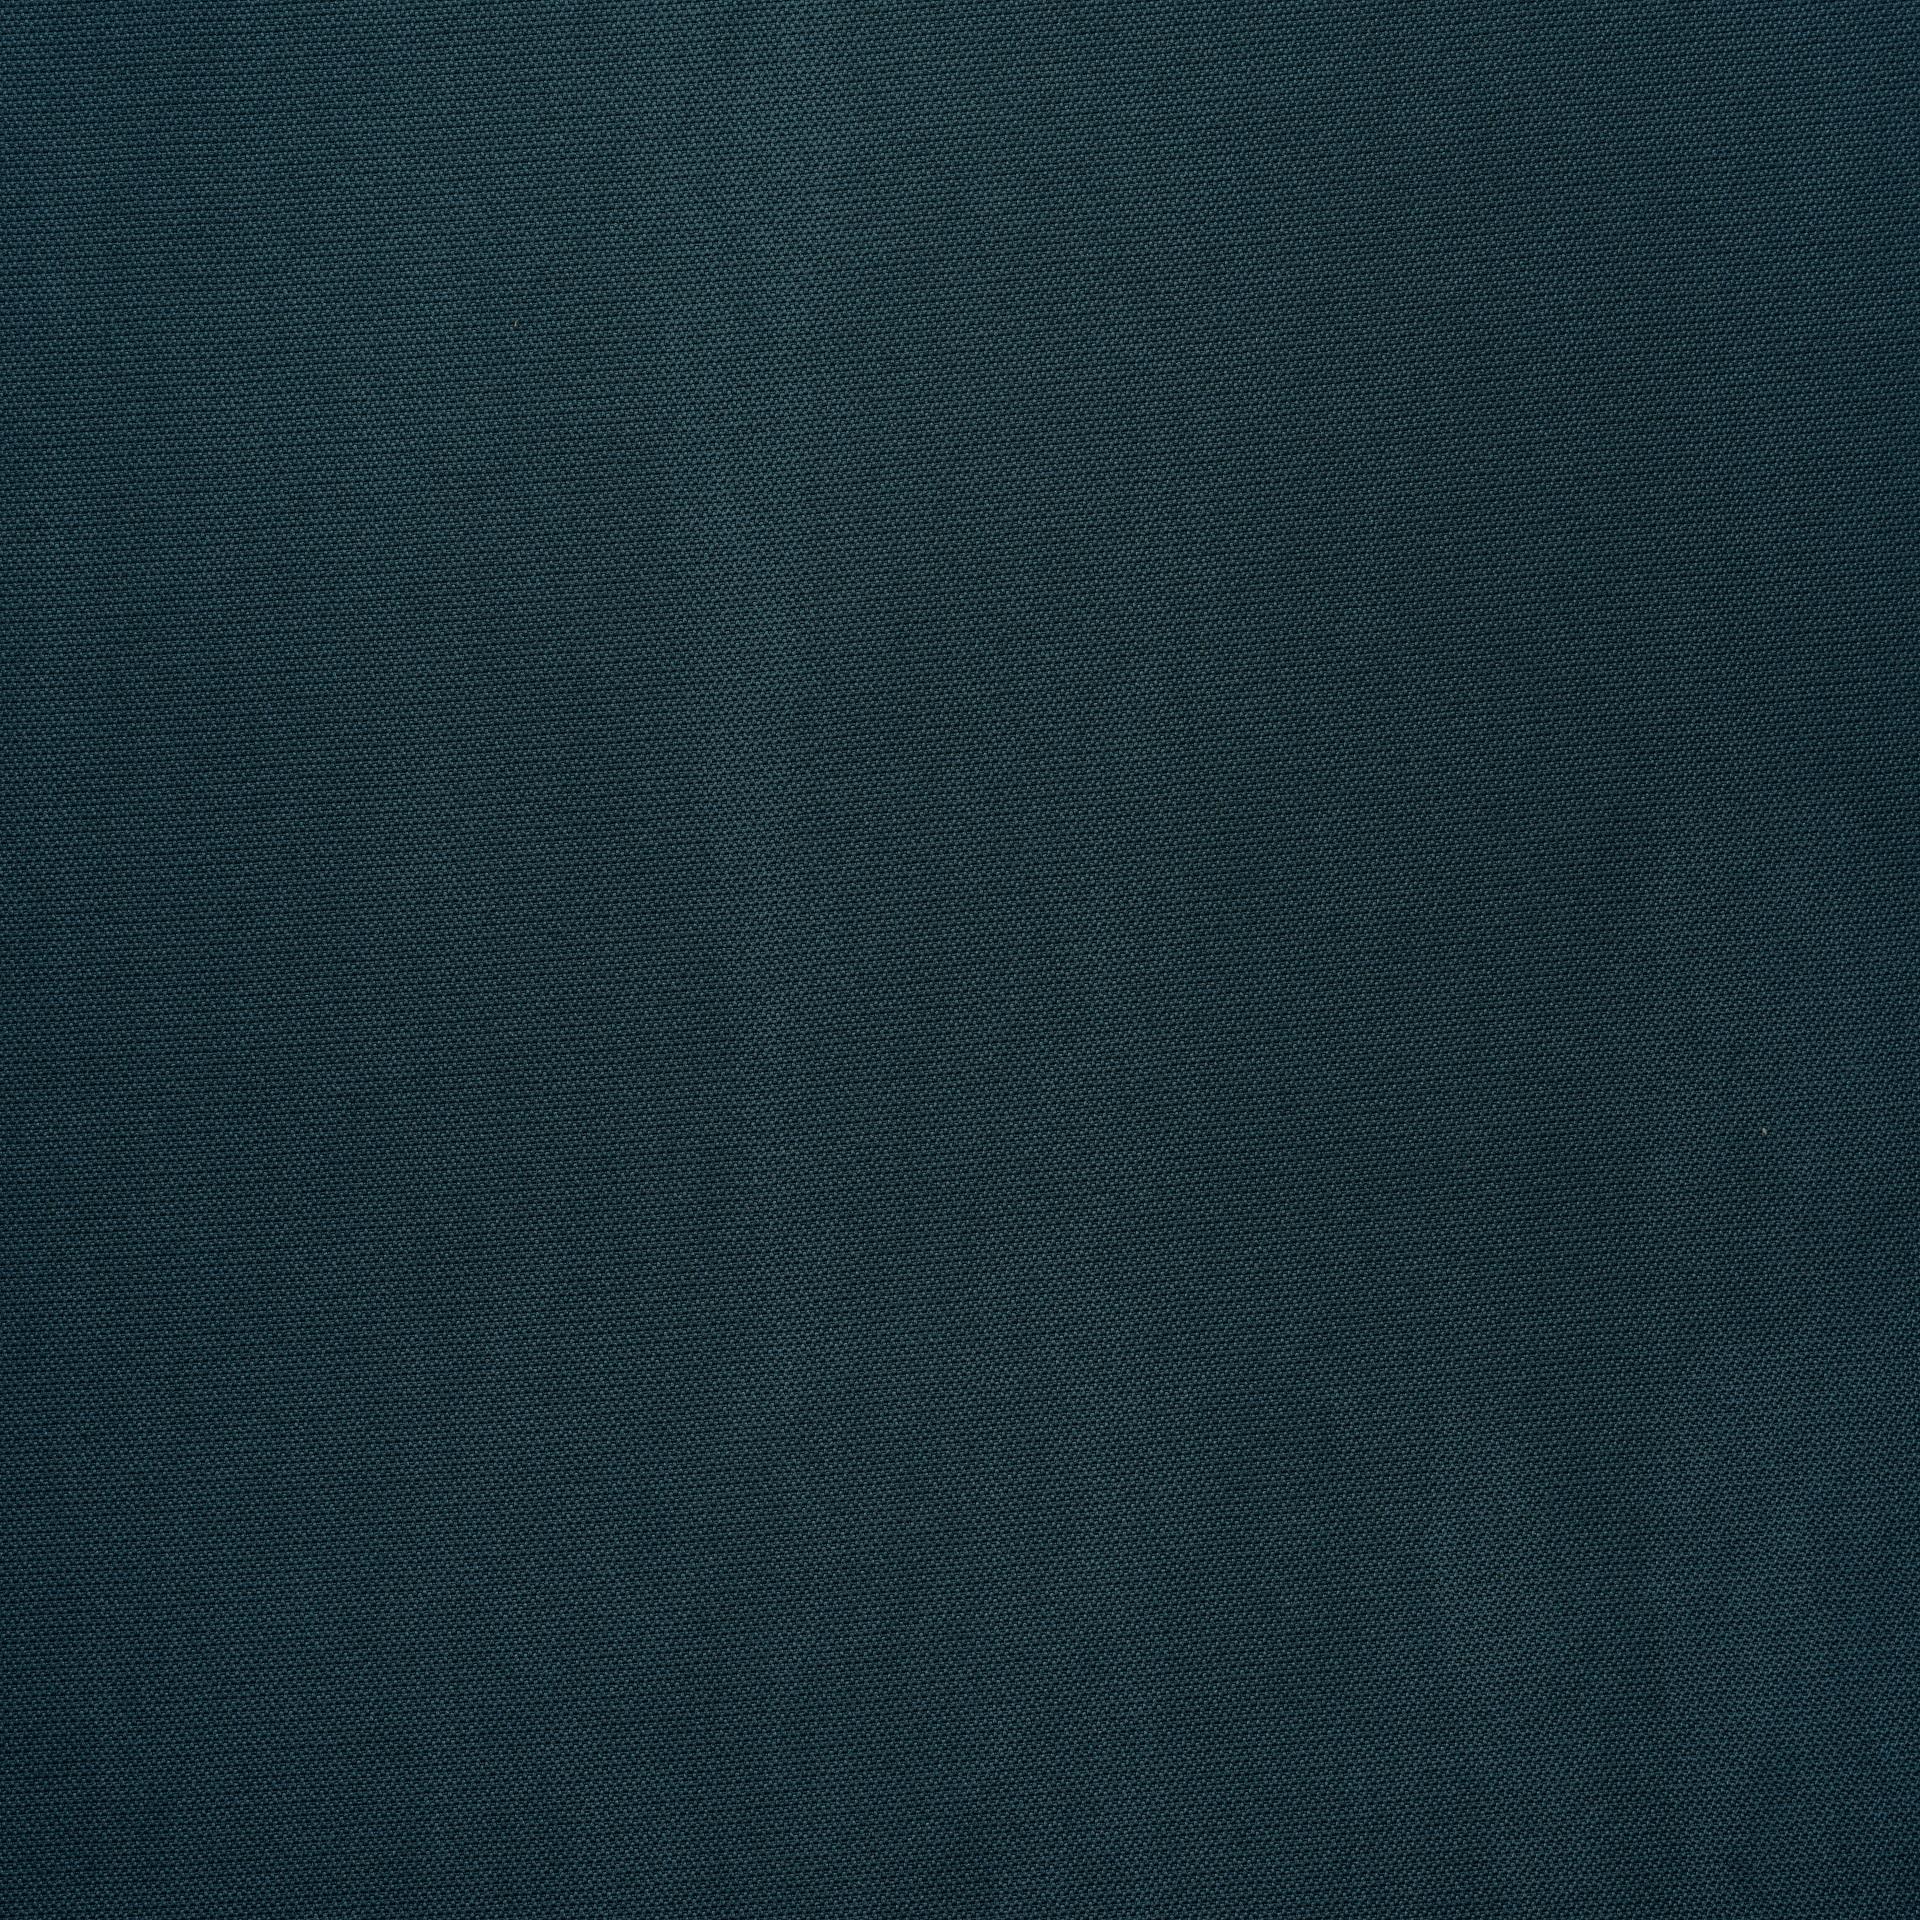 Коллекция ткани Стэнли 17 COBALT BLUE,  купить ткань Жаккард для мебели Украина